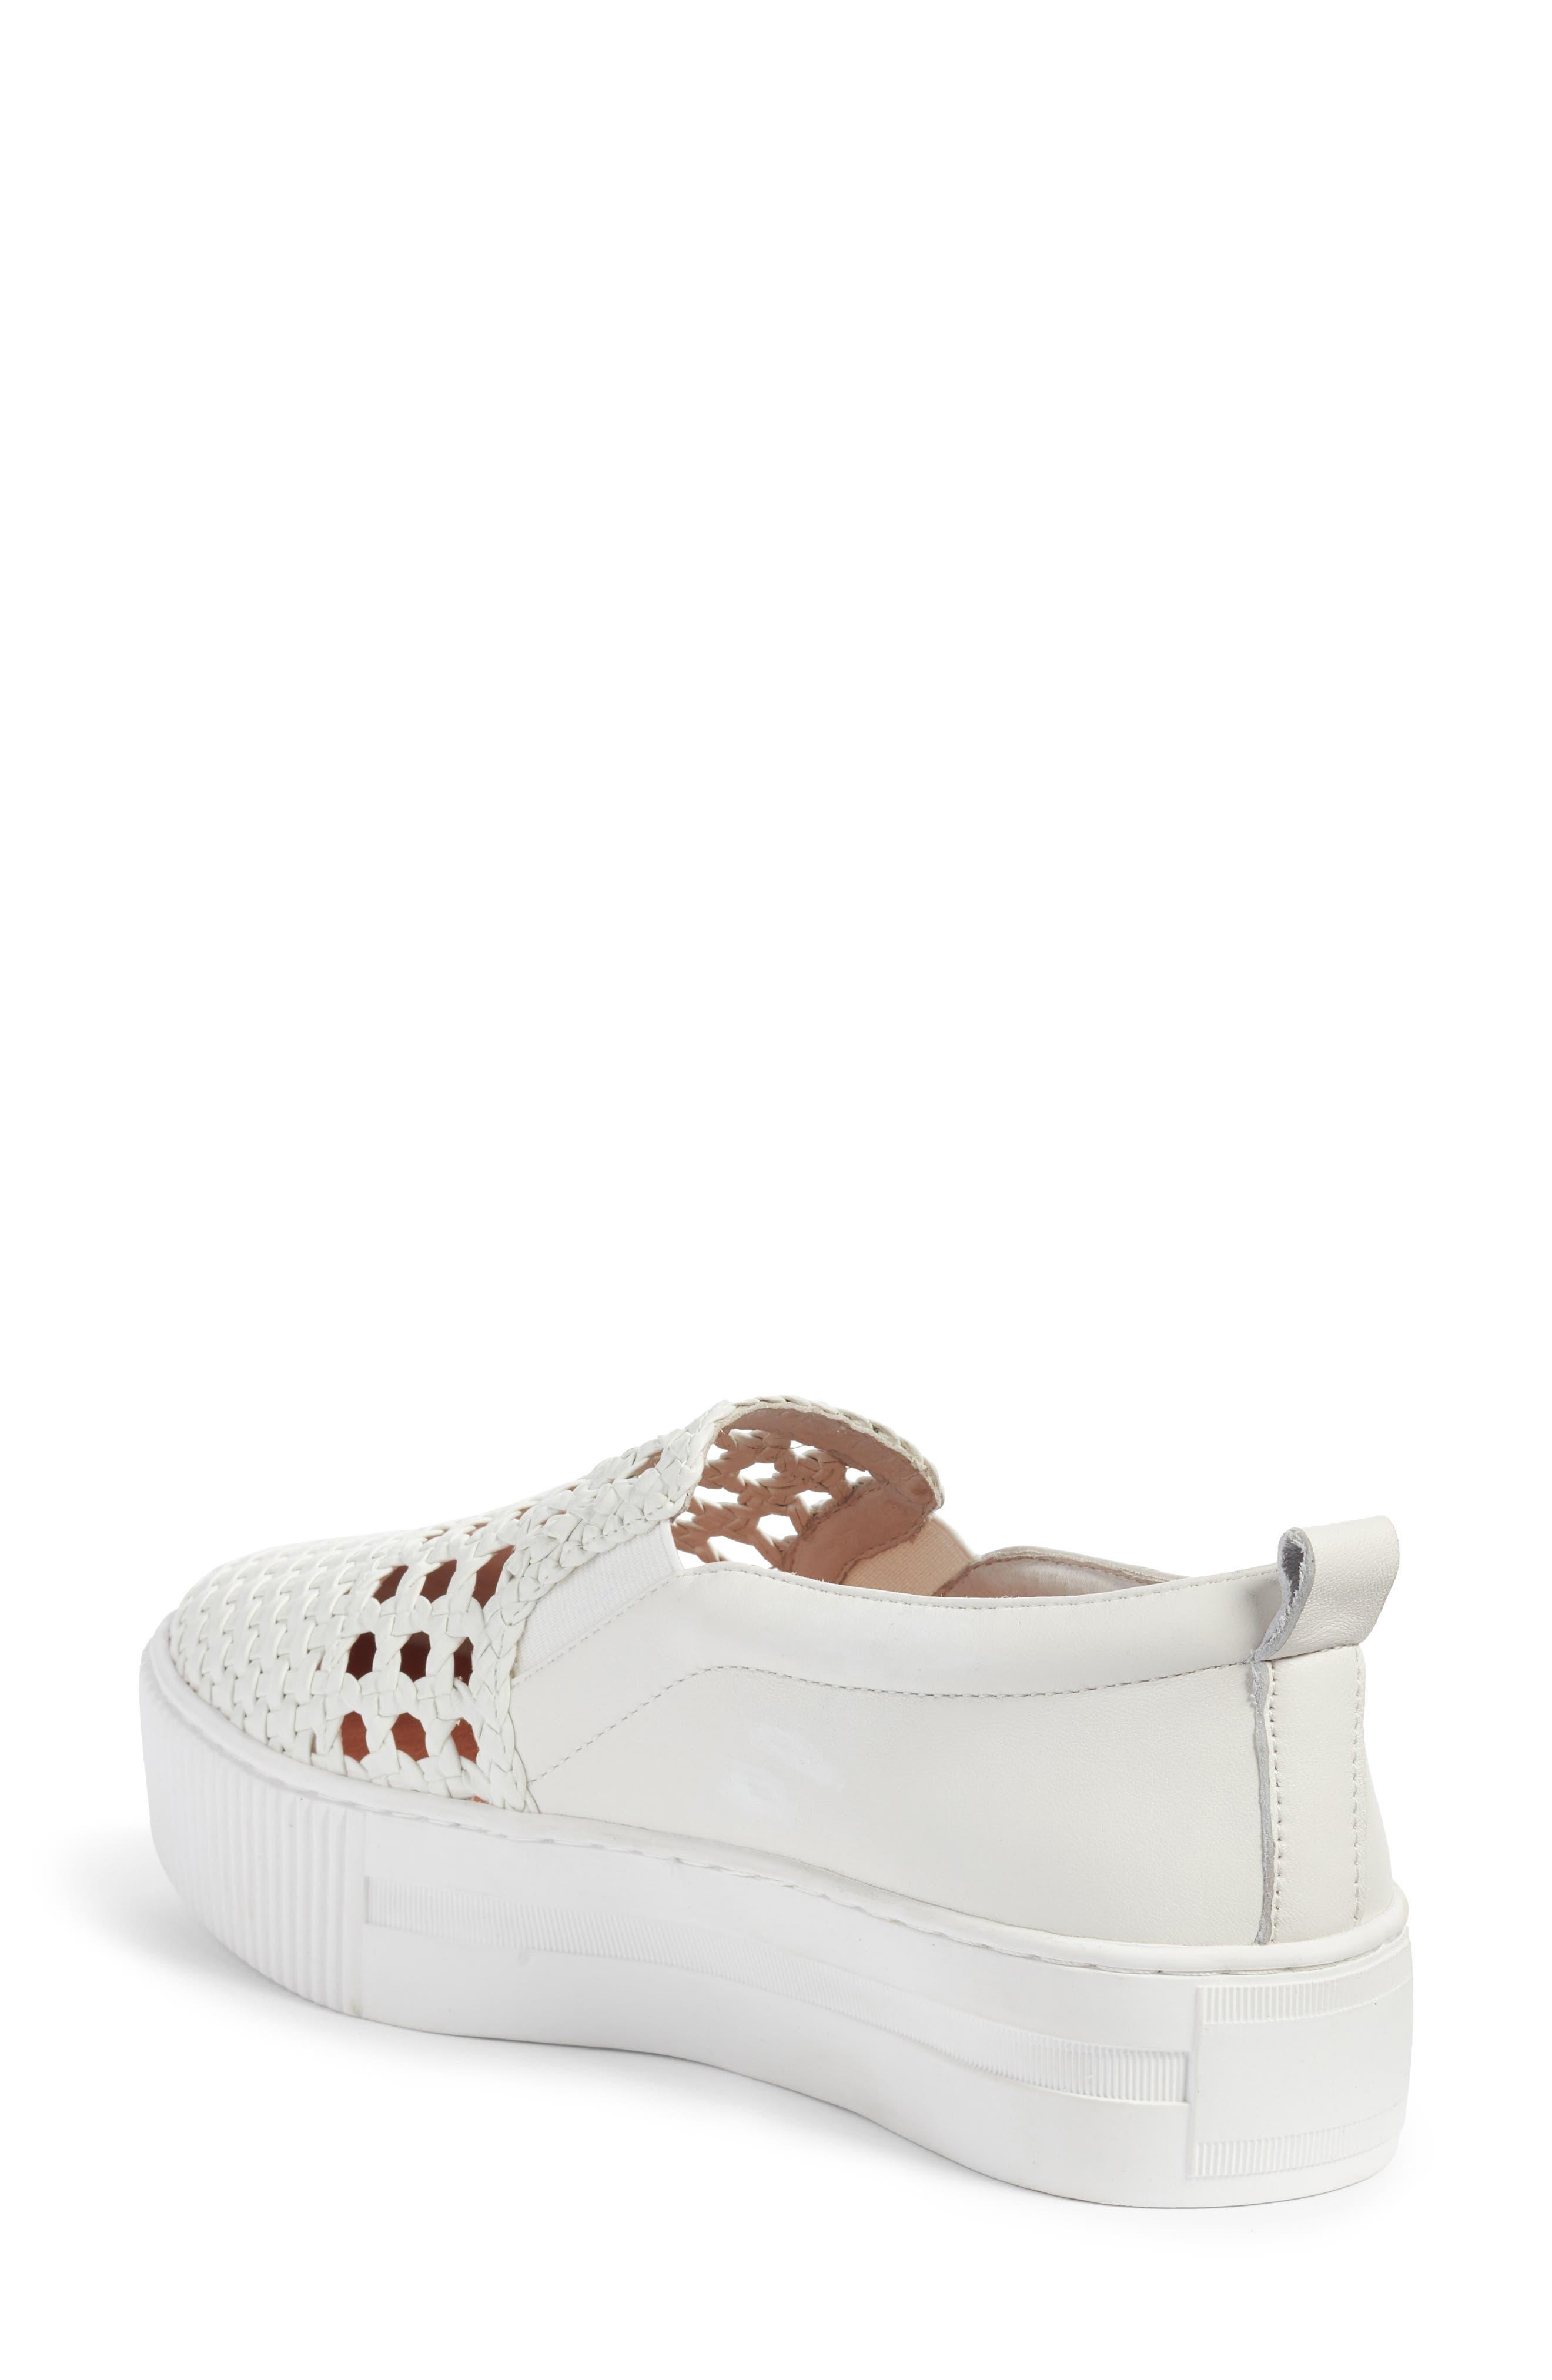 Baylee Slip-On Sneaker,                             Alternate thumbnail 2, color,                             WHITE WOVEN